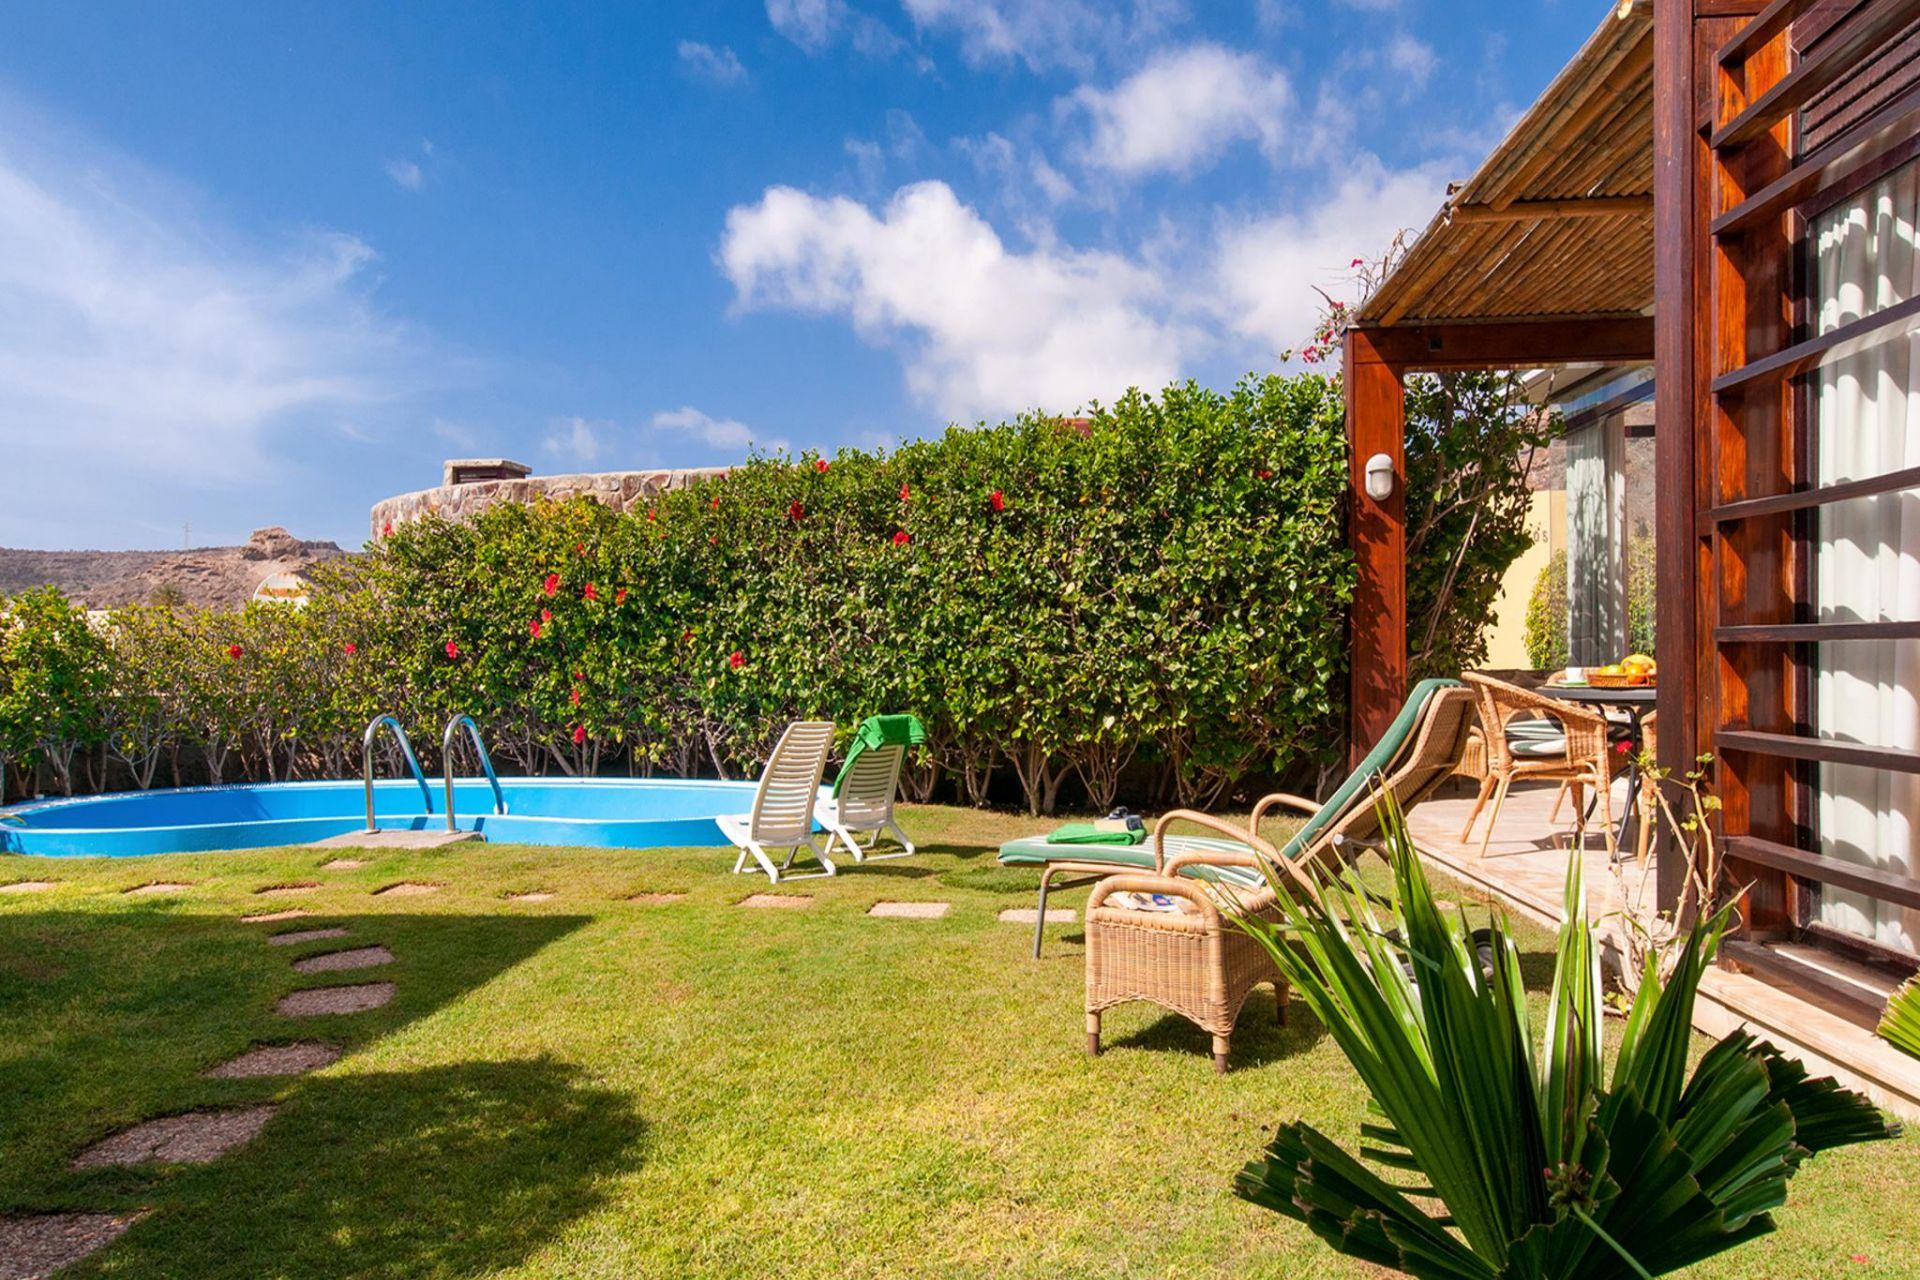 Villa lujo salobre golf gran canaria hidromasaje piscina - Villas en gran canaria con piscina ...